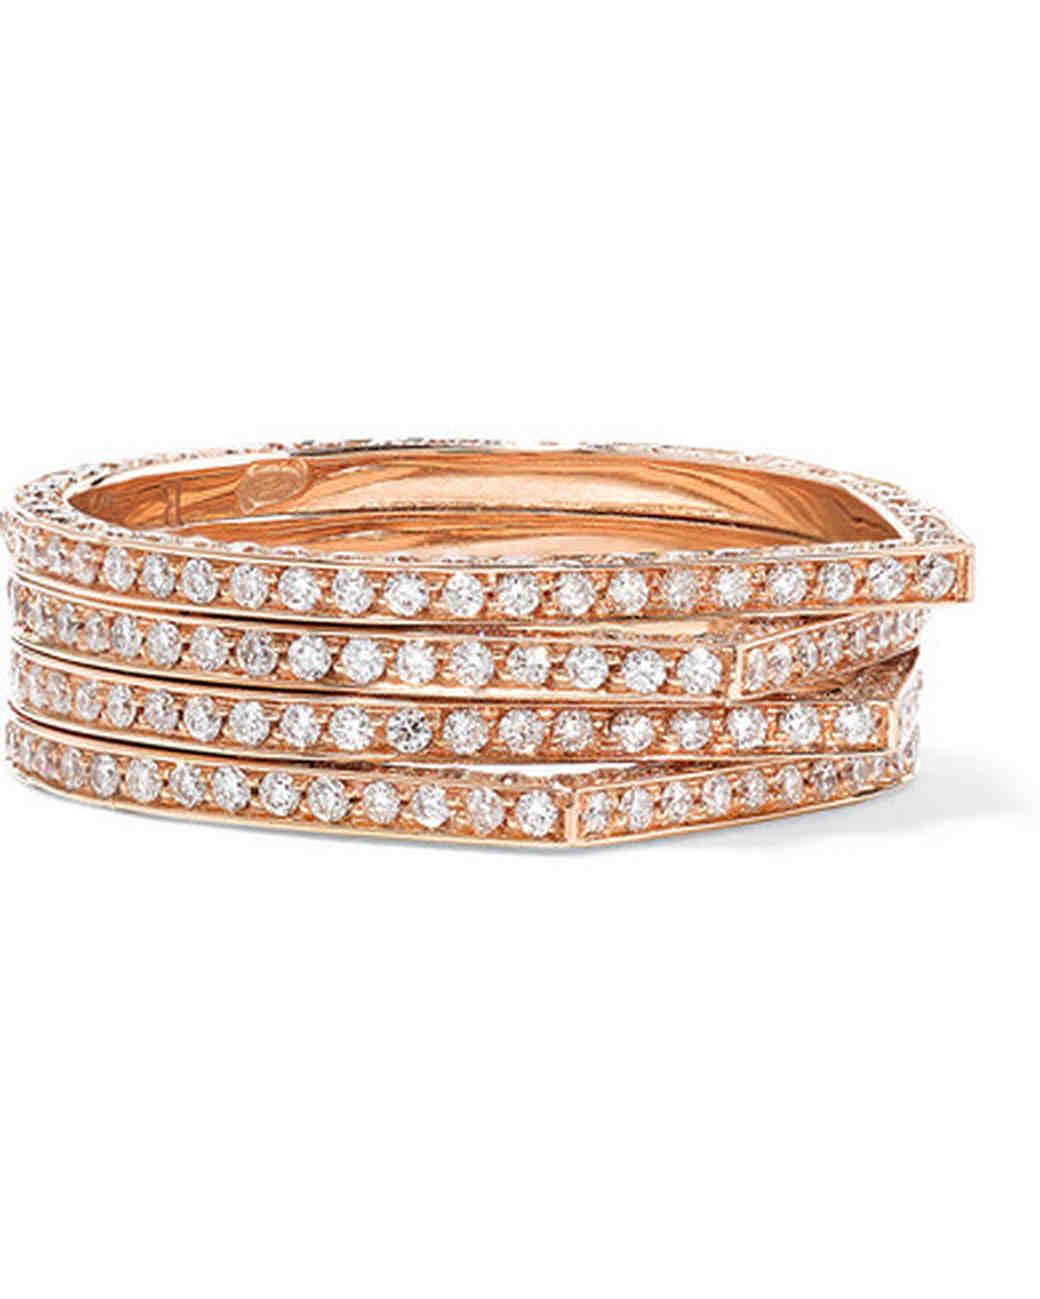 Repossi Antifer Rose Gold Stackable Diamond Ring